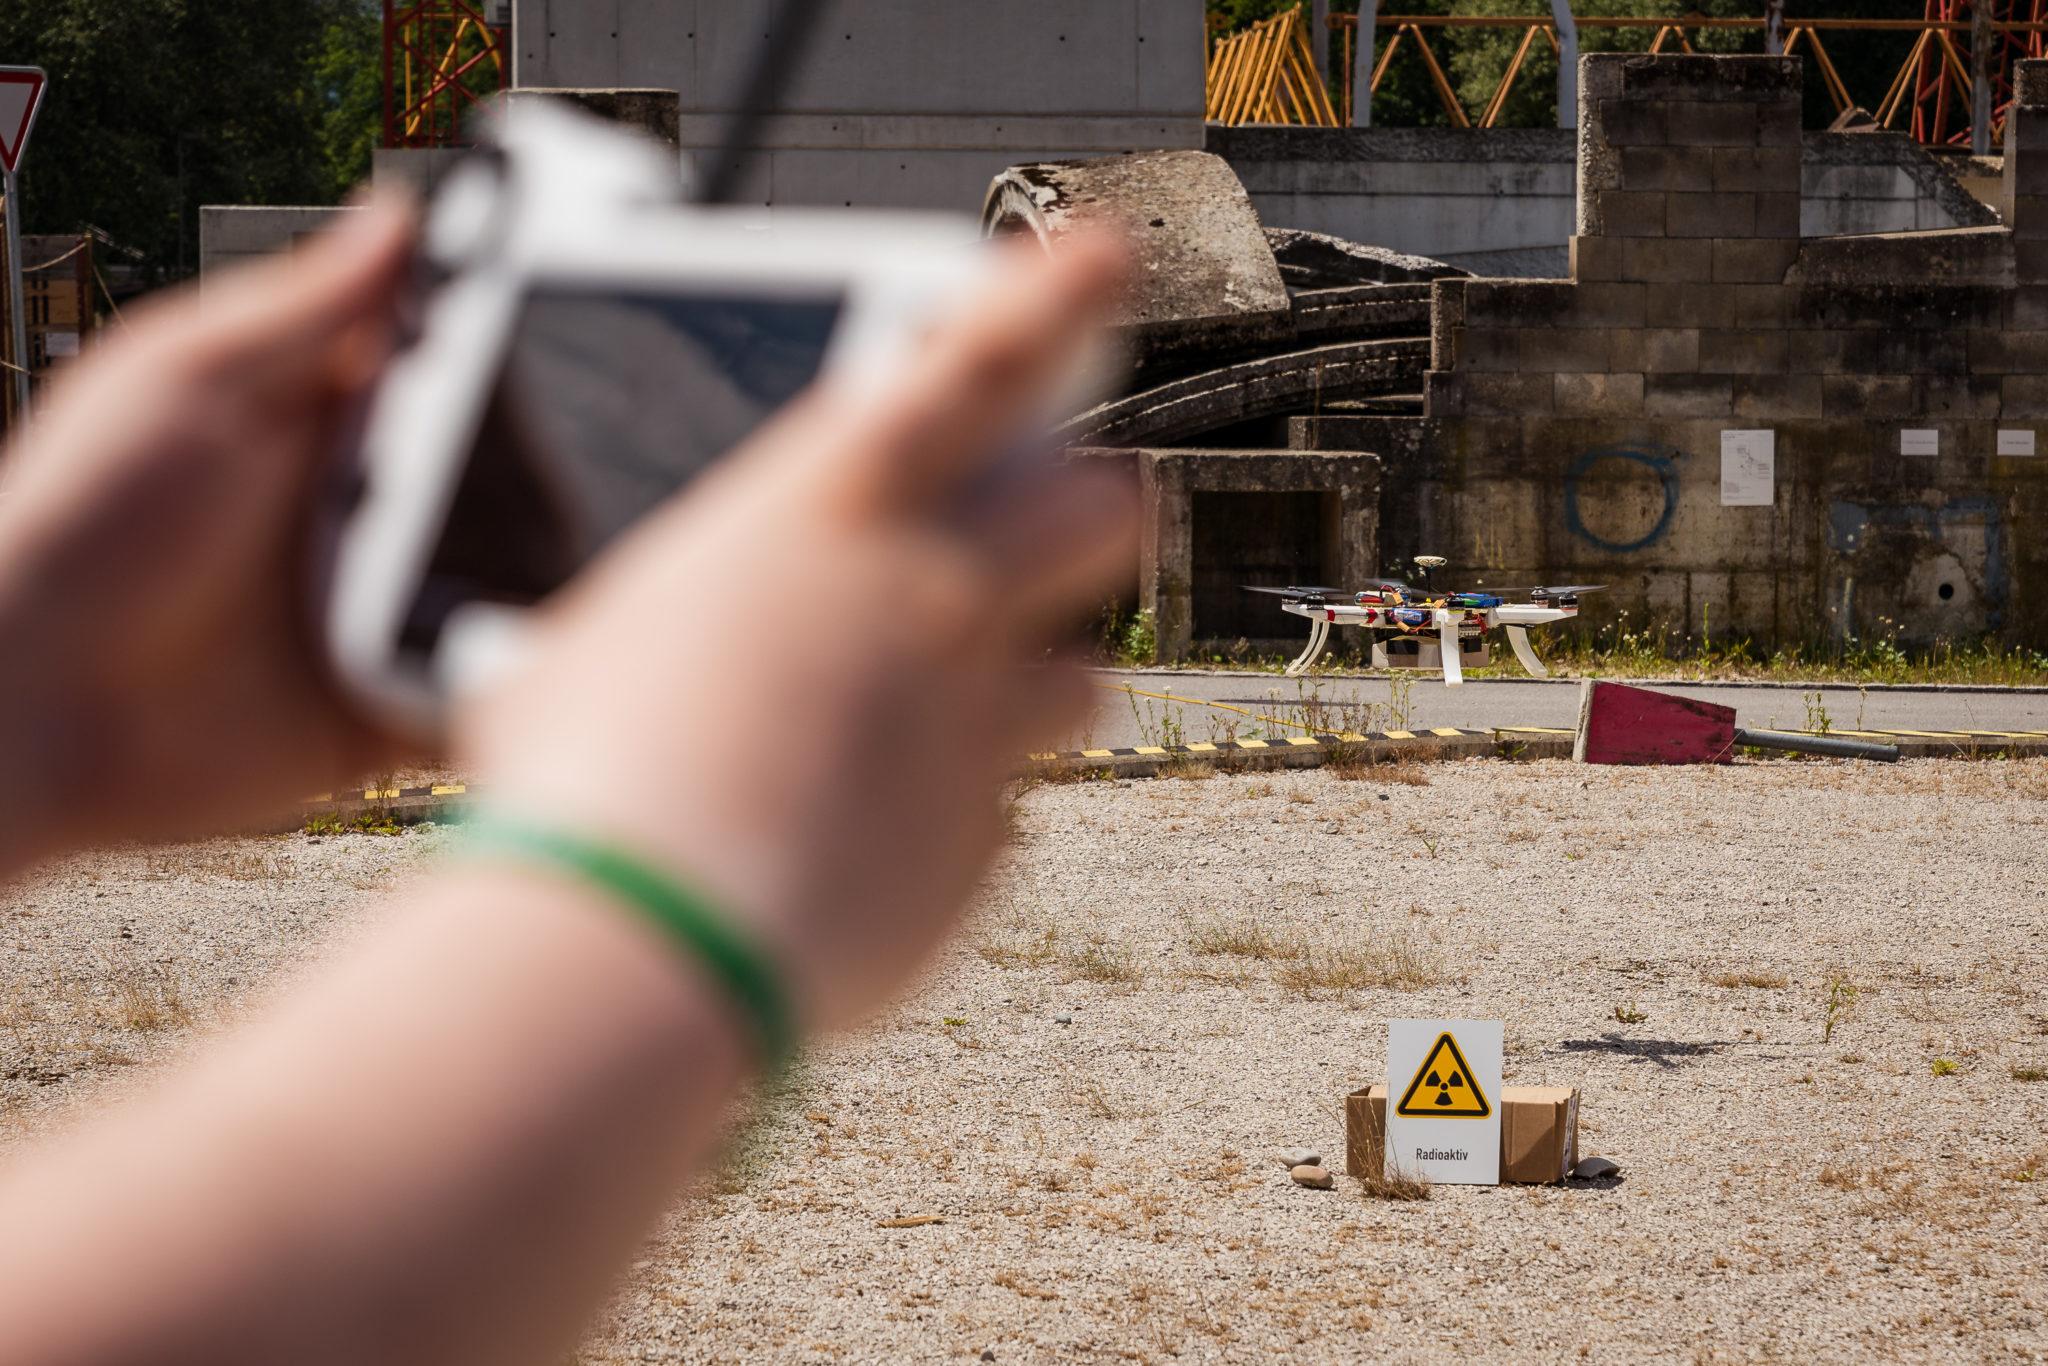 In Wangen an der Aare demonstriert das HSR-Team ein Setup, in dem eine Drohne in einem definierten Suchgebiet selbstständig nach Strahlungsquellen sucht.